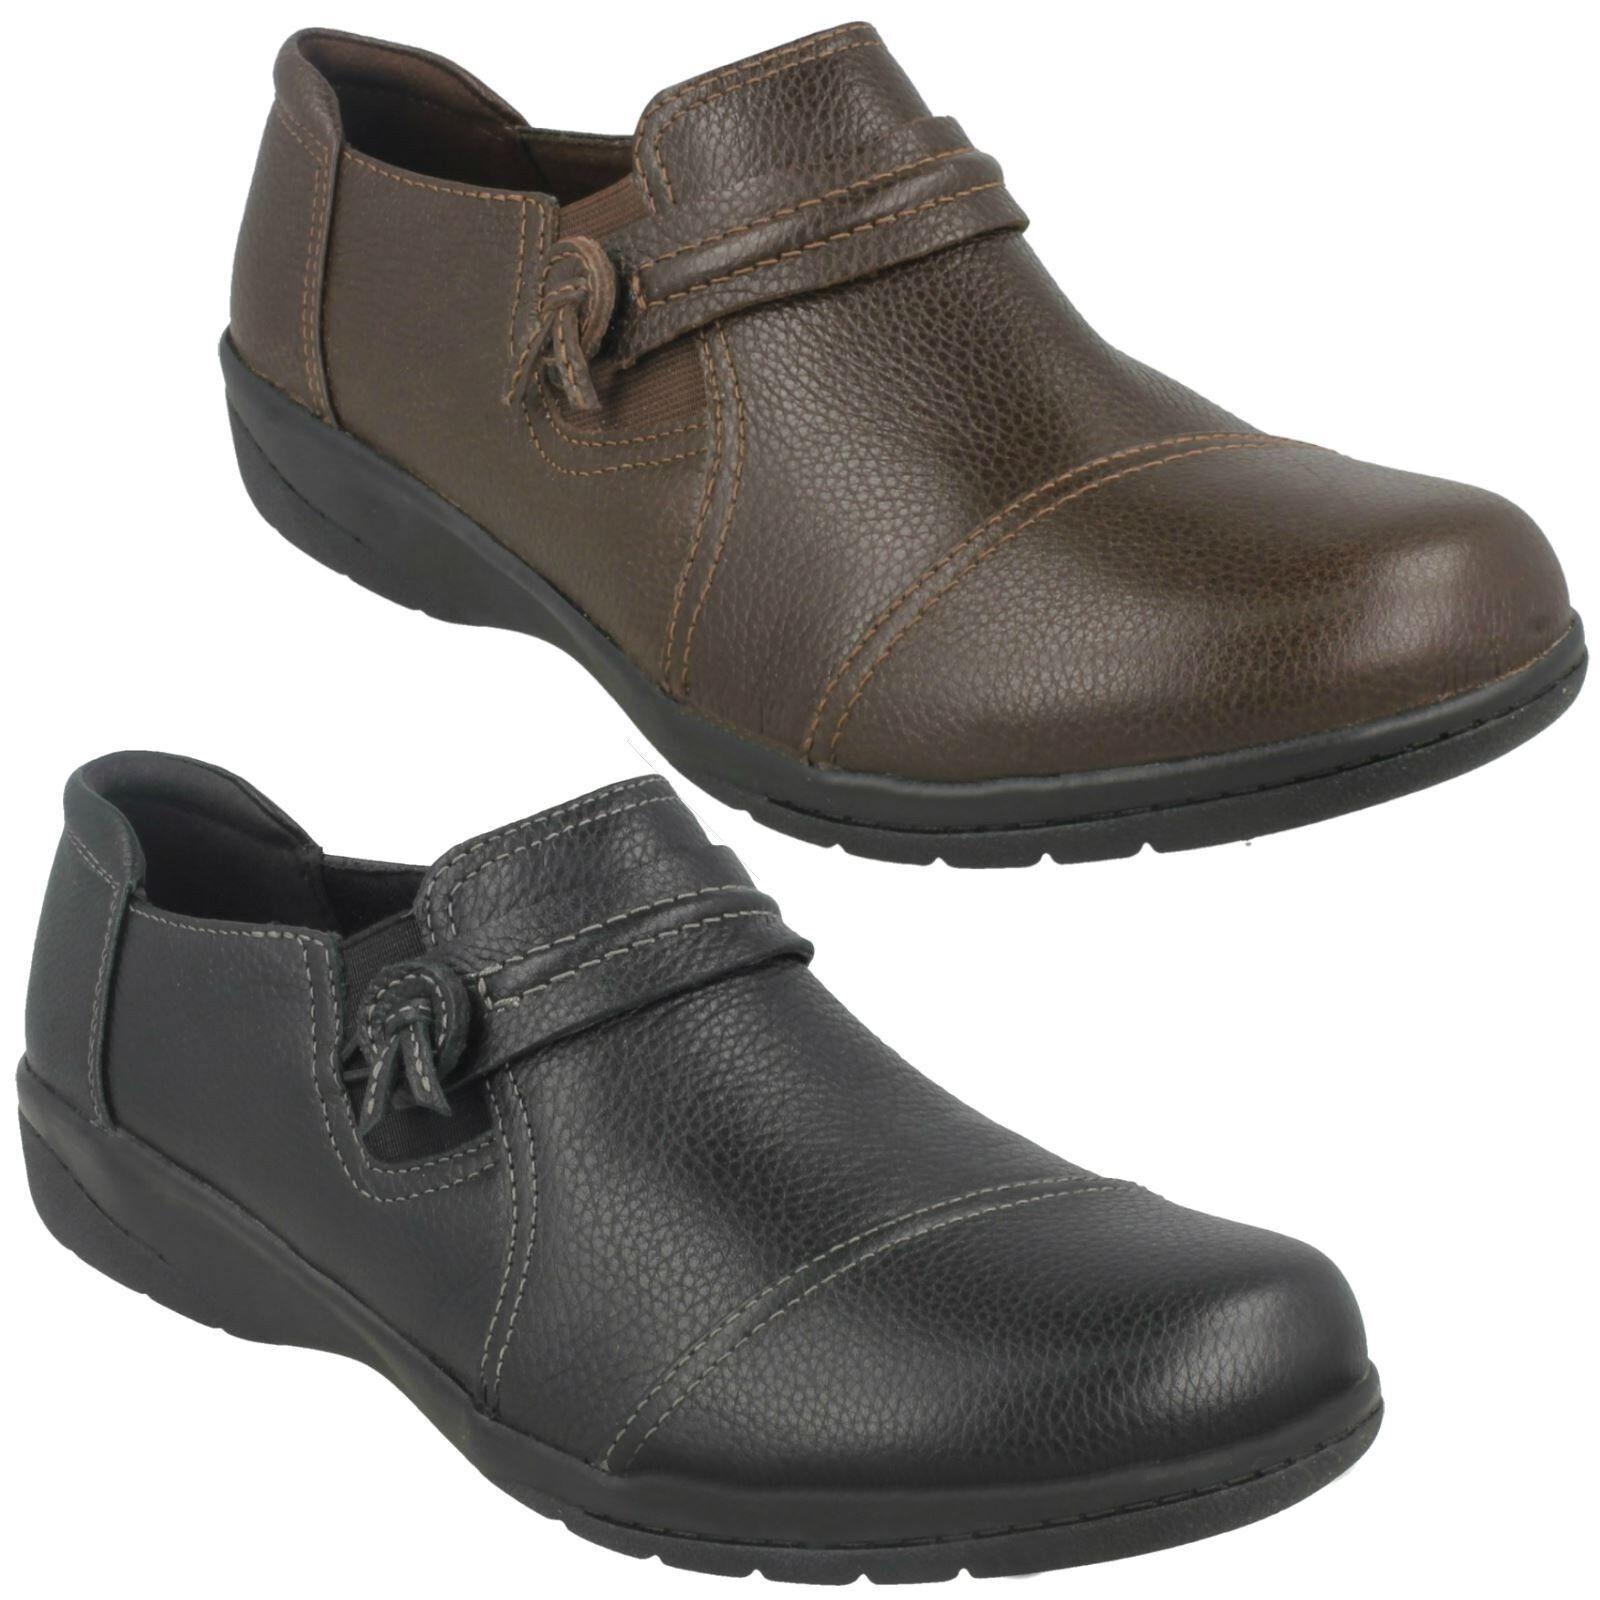 Femmes Clarks cuir large à enfiler décontracté plat Pantalon Chaussures Pointure